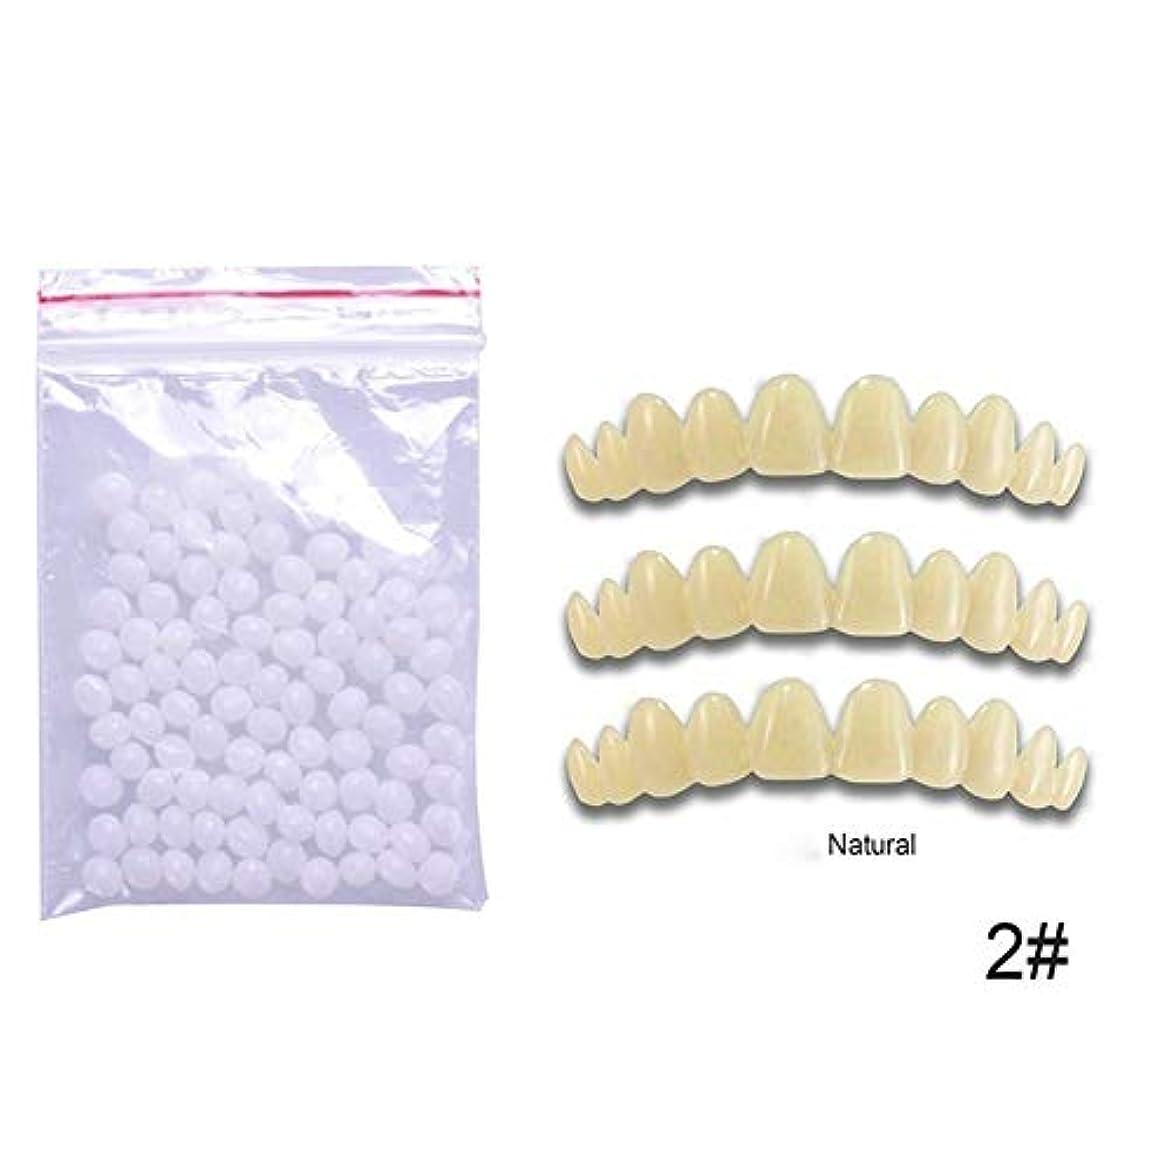 宿命大胆エンジニアリング5一時的な歯の色合い1pcs 切断可能な義歯セット含まれています1バッグビーズ交換のためのパーフェクトスマイルナチュラルホワイトダーク,Natural5PCS